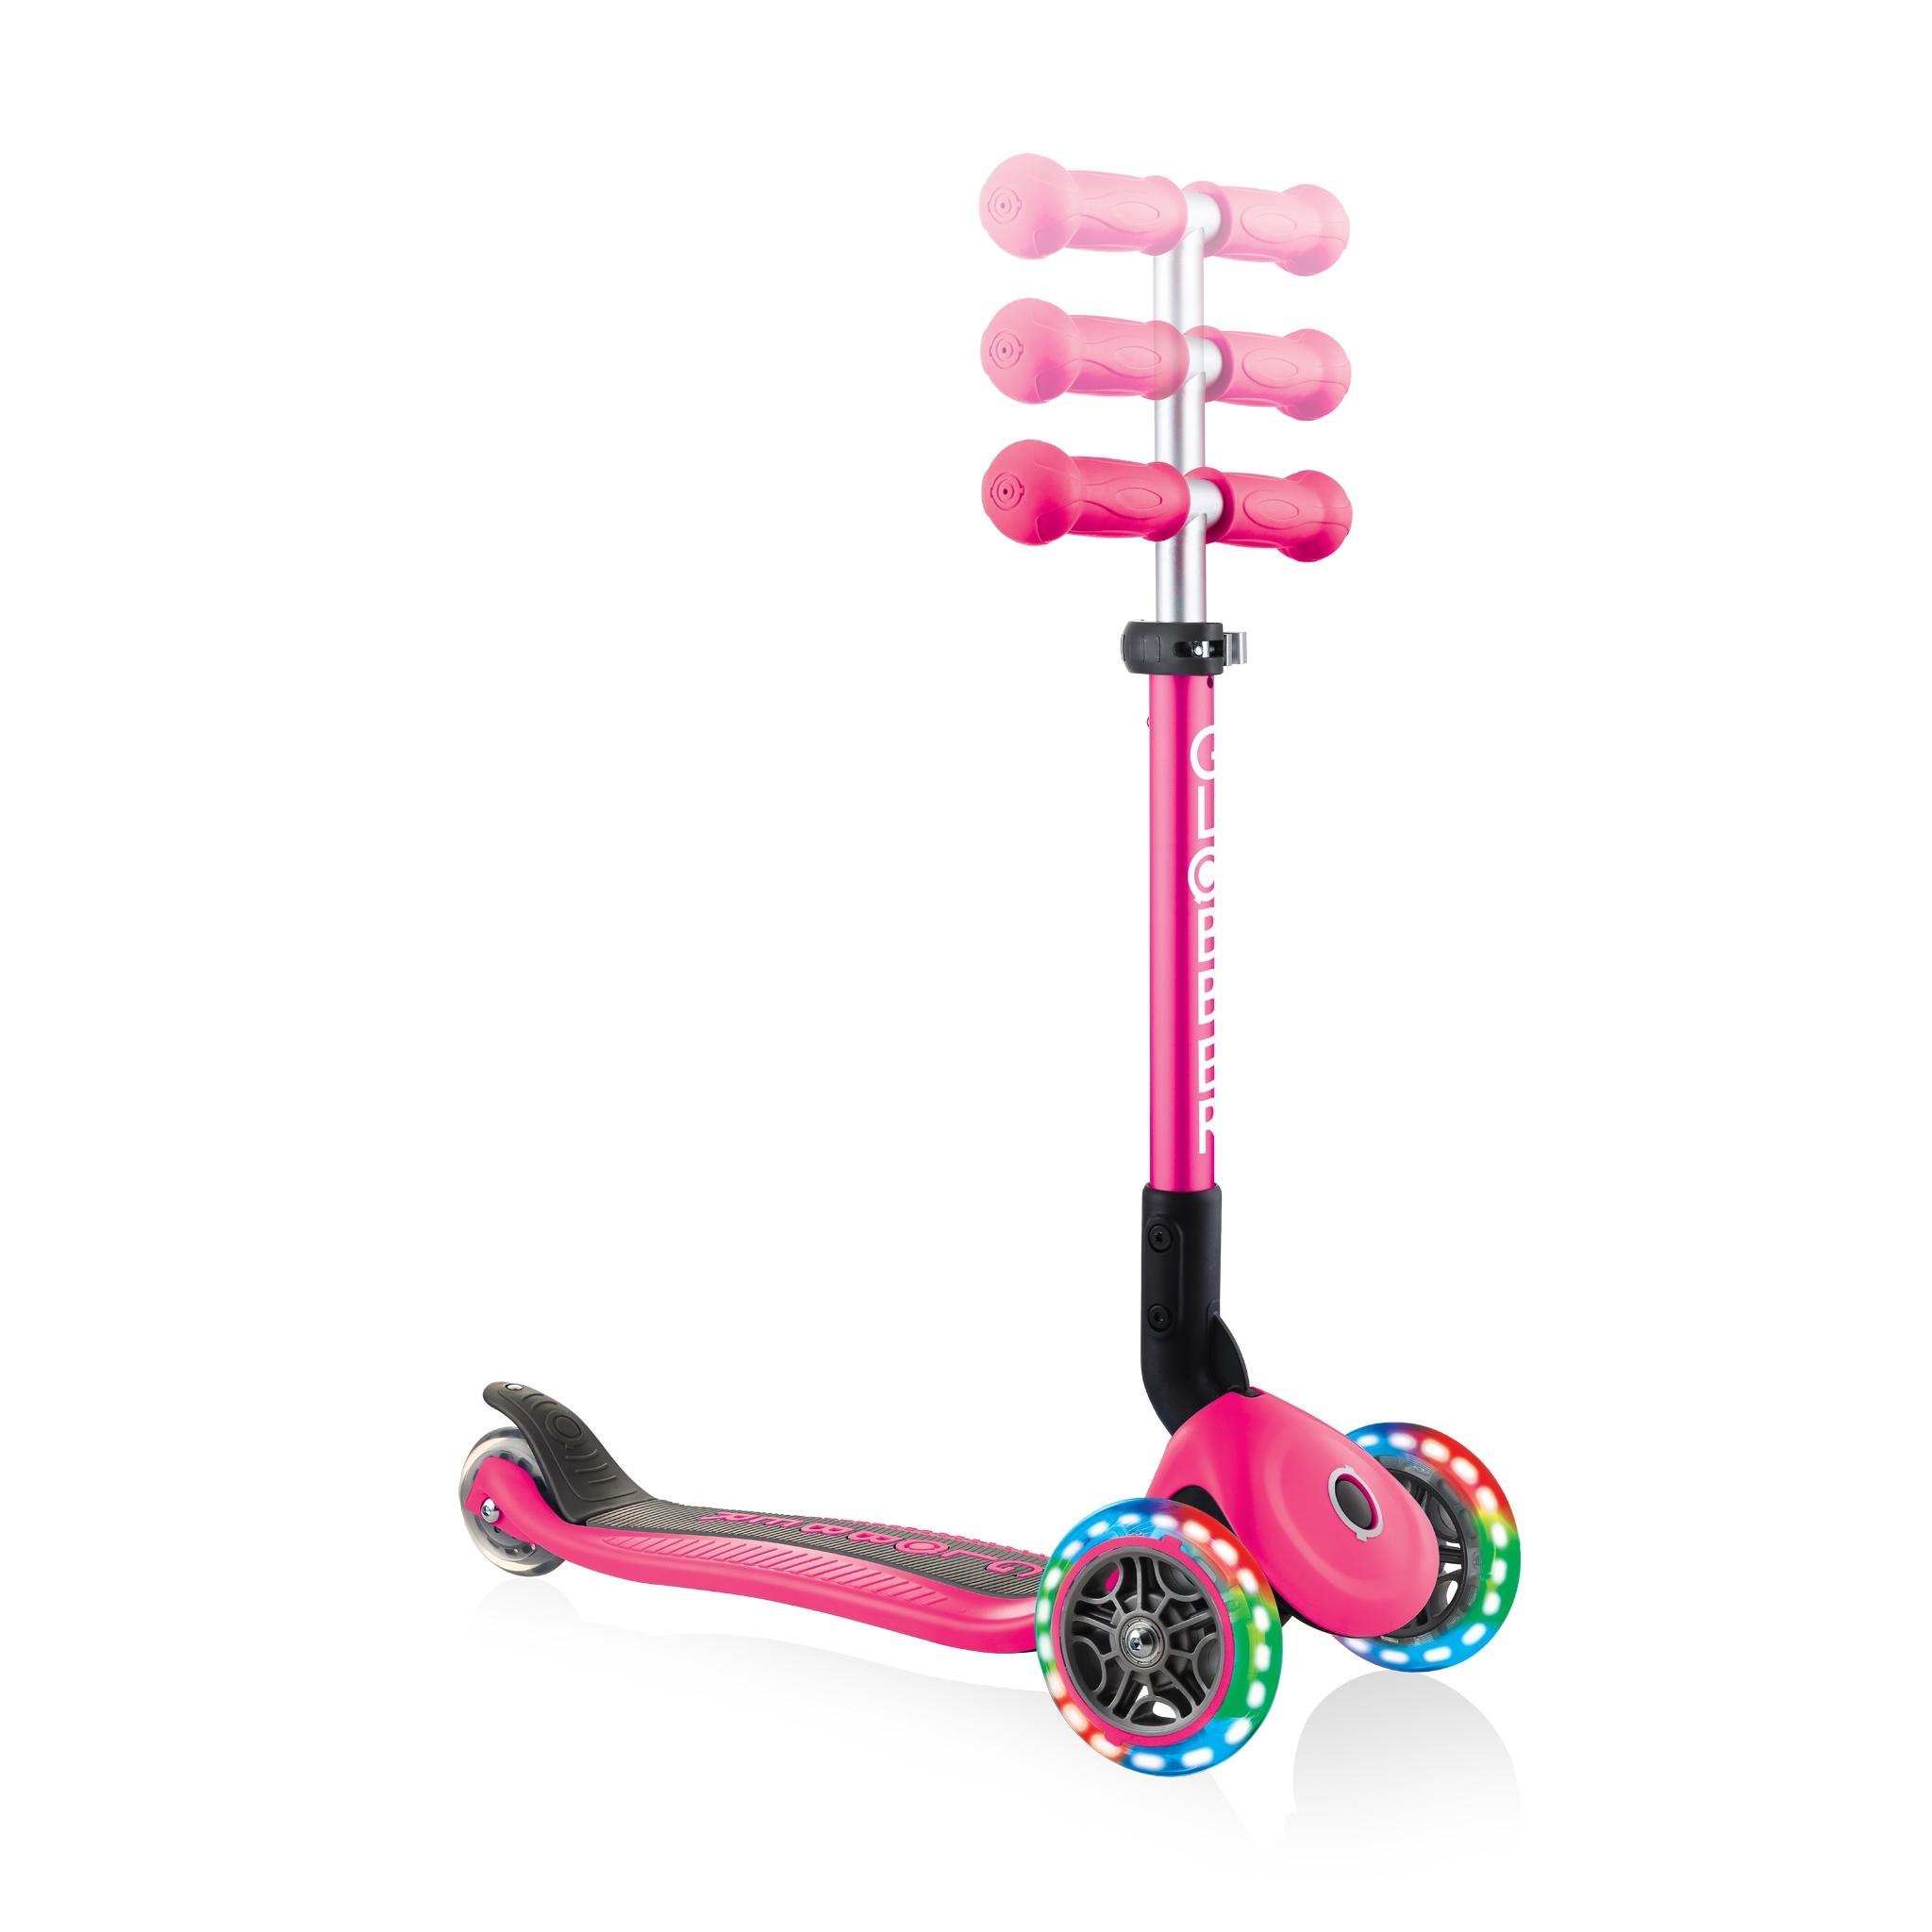 adjustable-3-wheel-scooter-for-toddlers-Globber-JUNIOR-FOLDABLE-LIGHTS 2